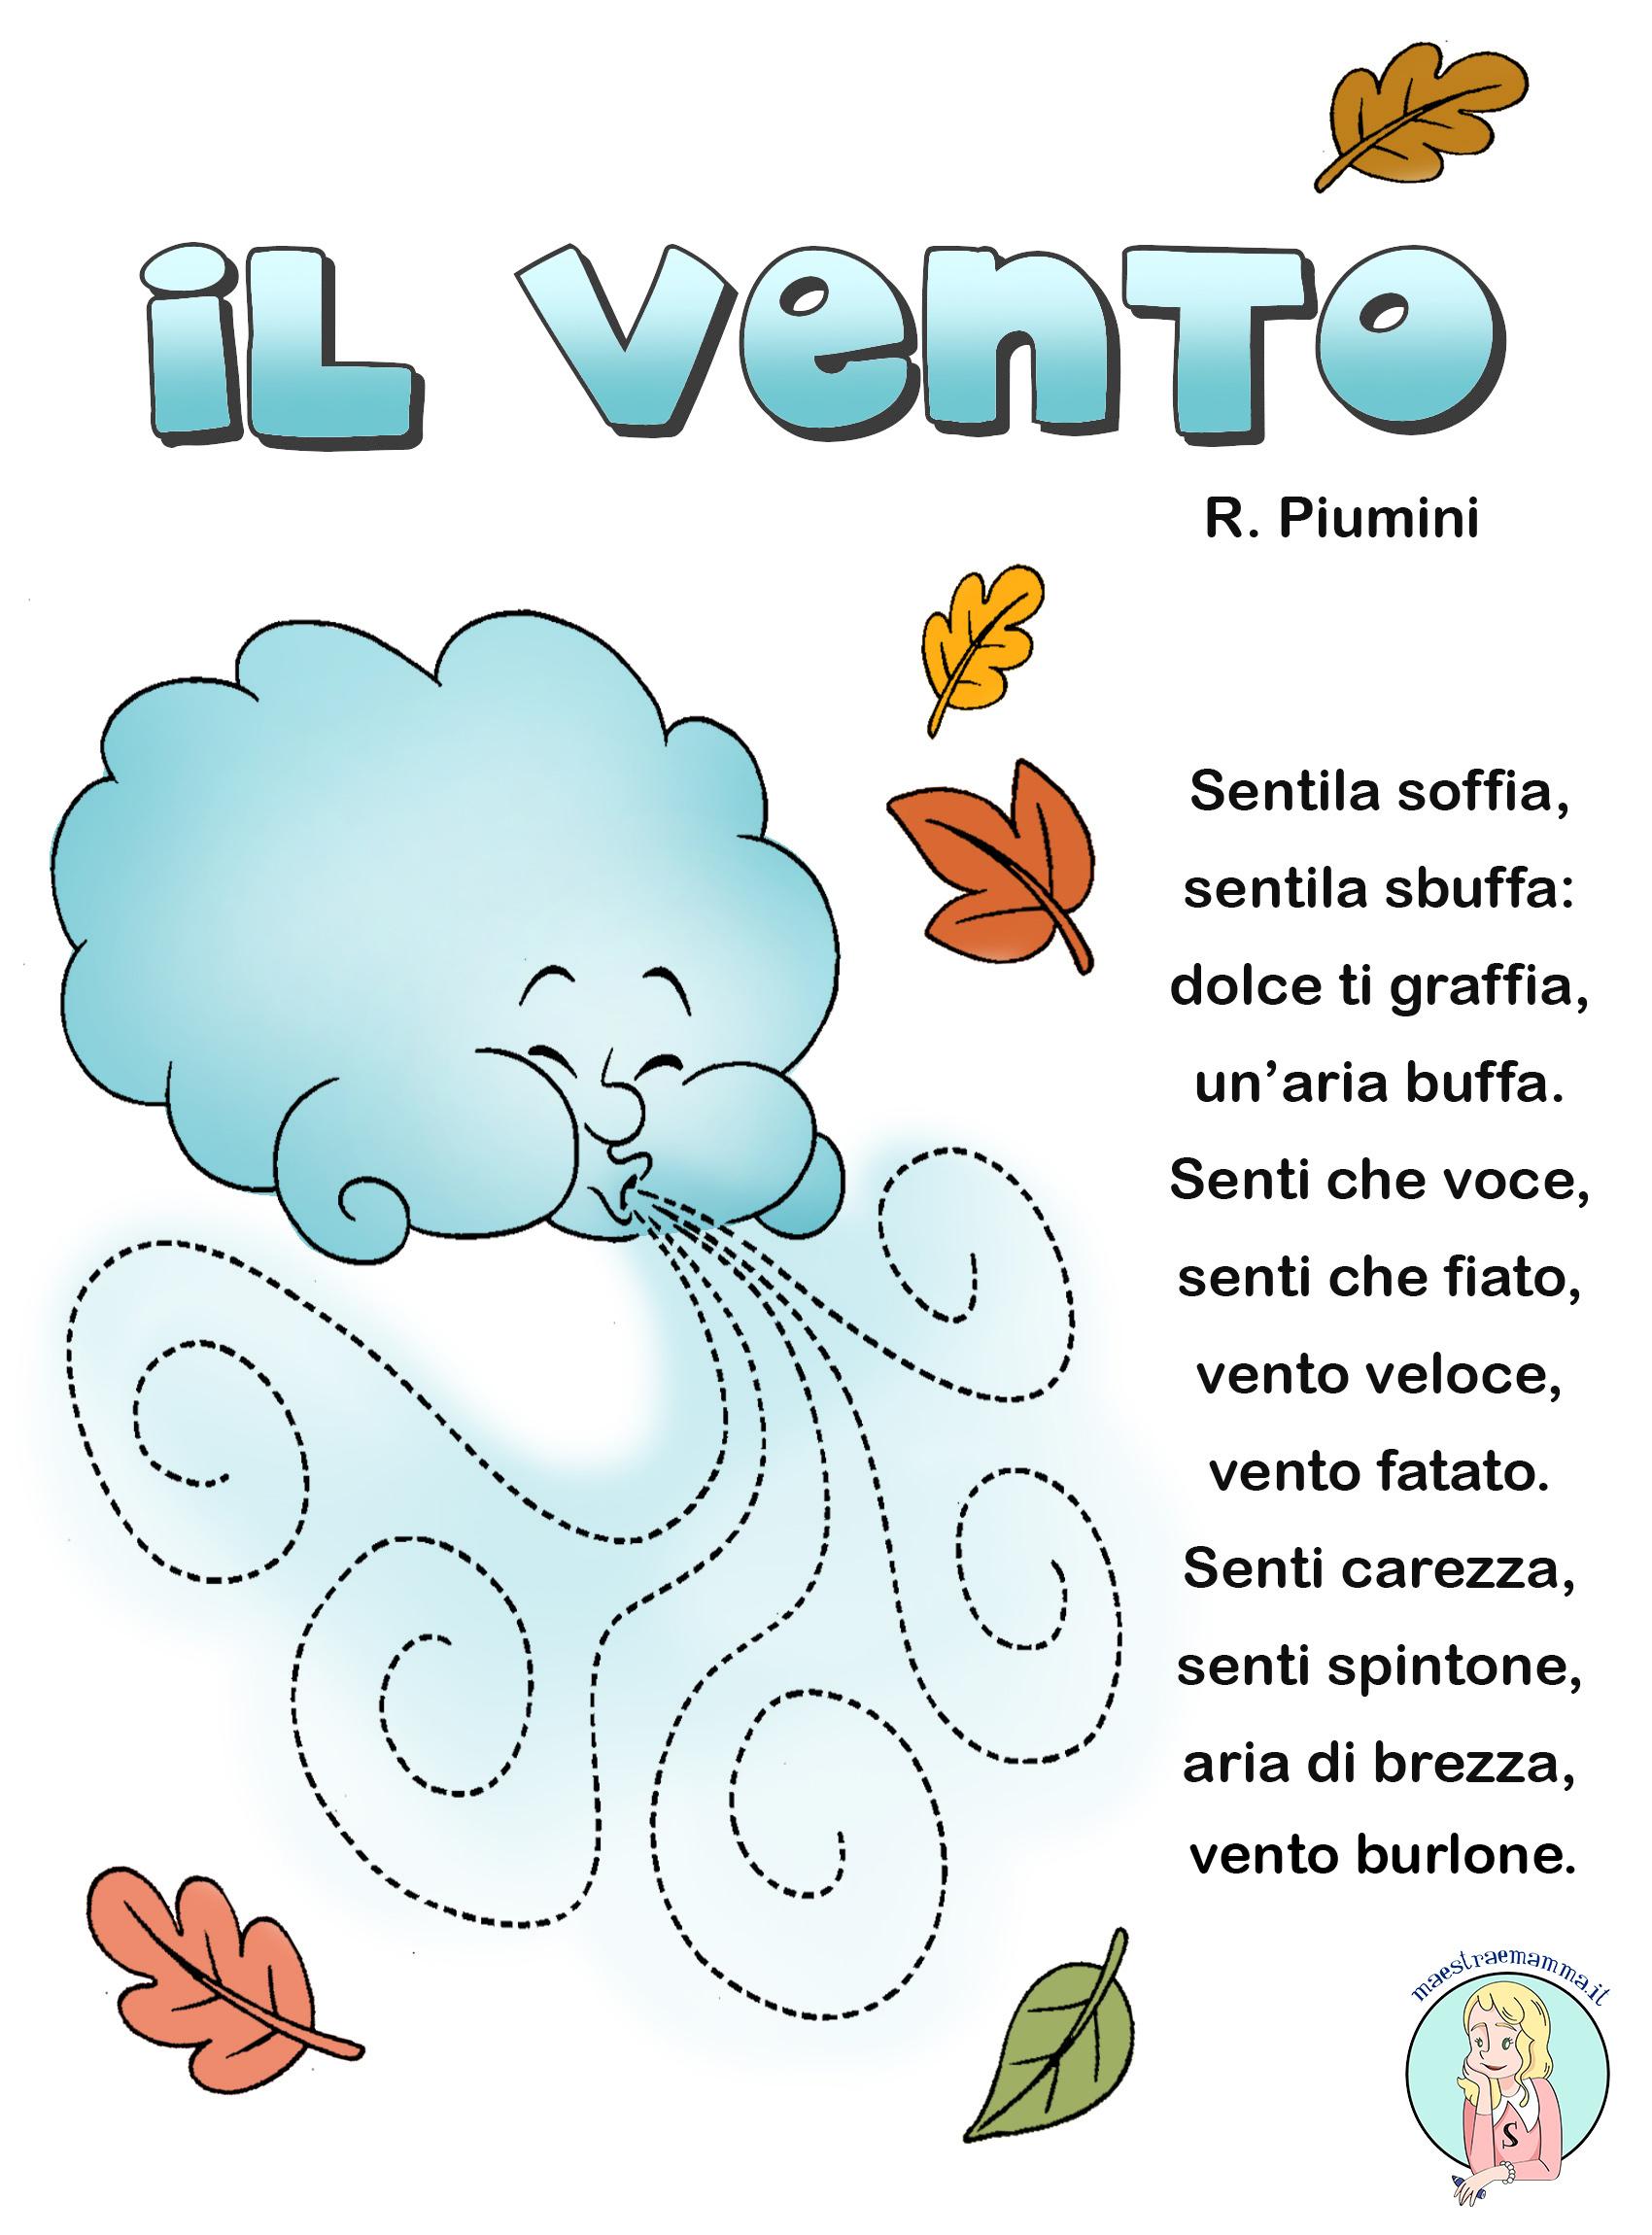 Il vento – poesia di Roberto Piumini